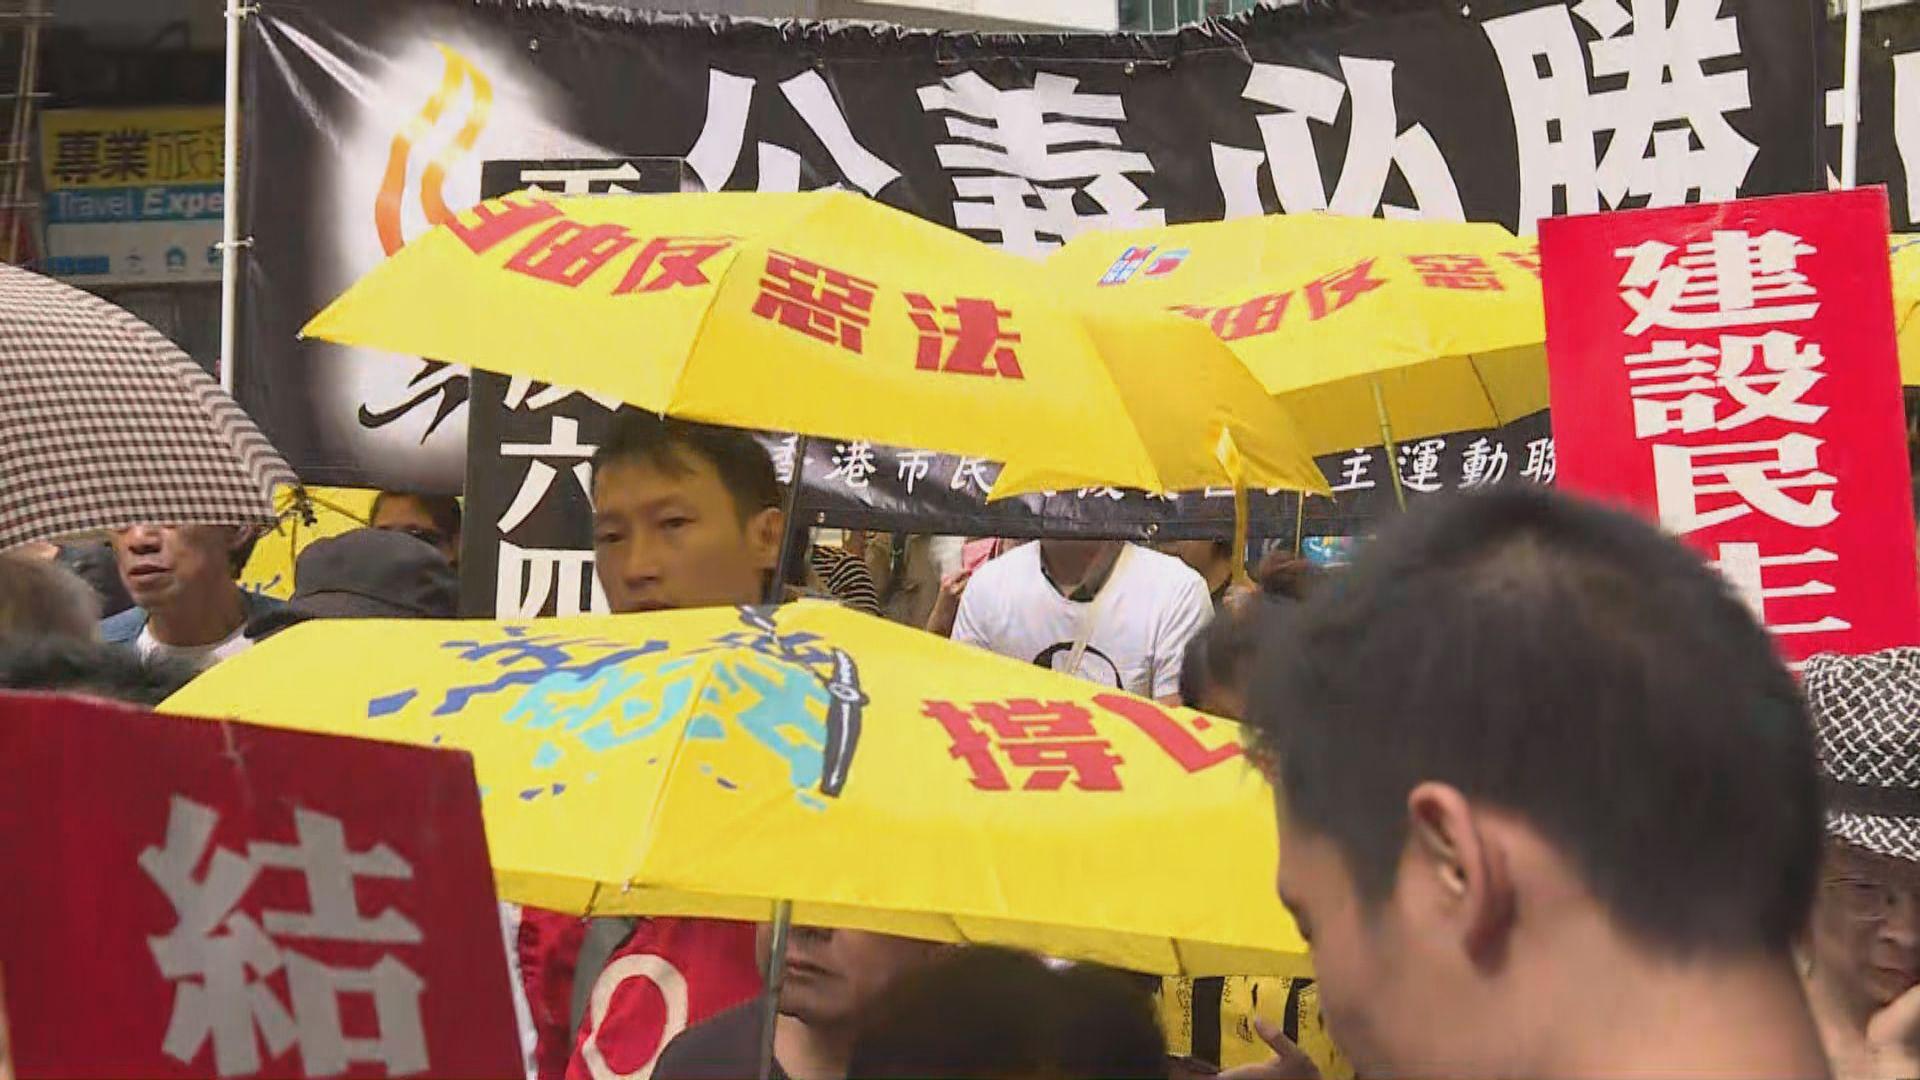 支聯會料修訂逃犯條例激發更多人參與遊行